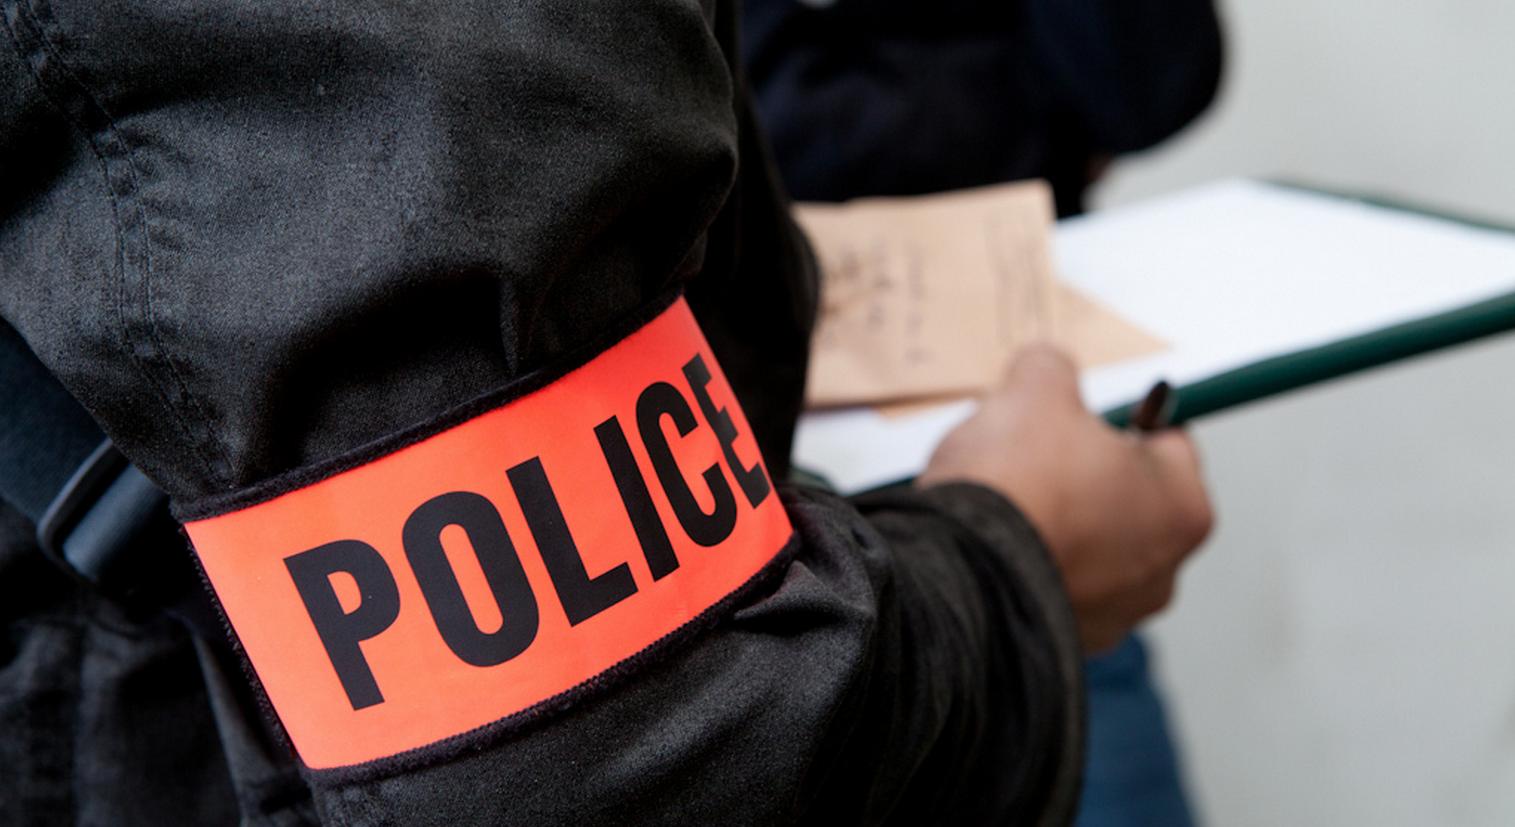 Les propriétaires d'un pavillon séquestrés par un cambrioleur cette nuit, à Conflans-Sainte-Honorine